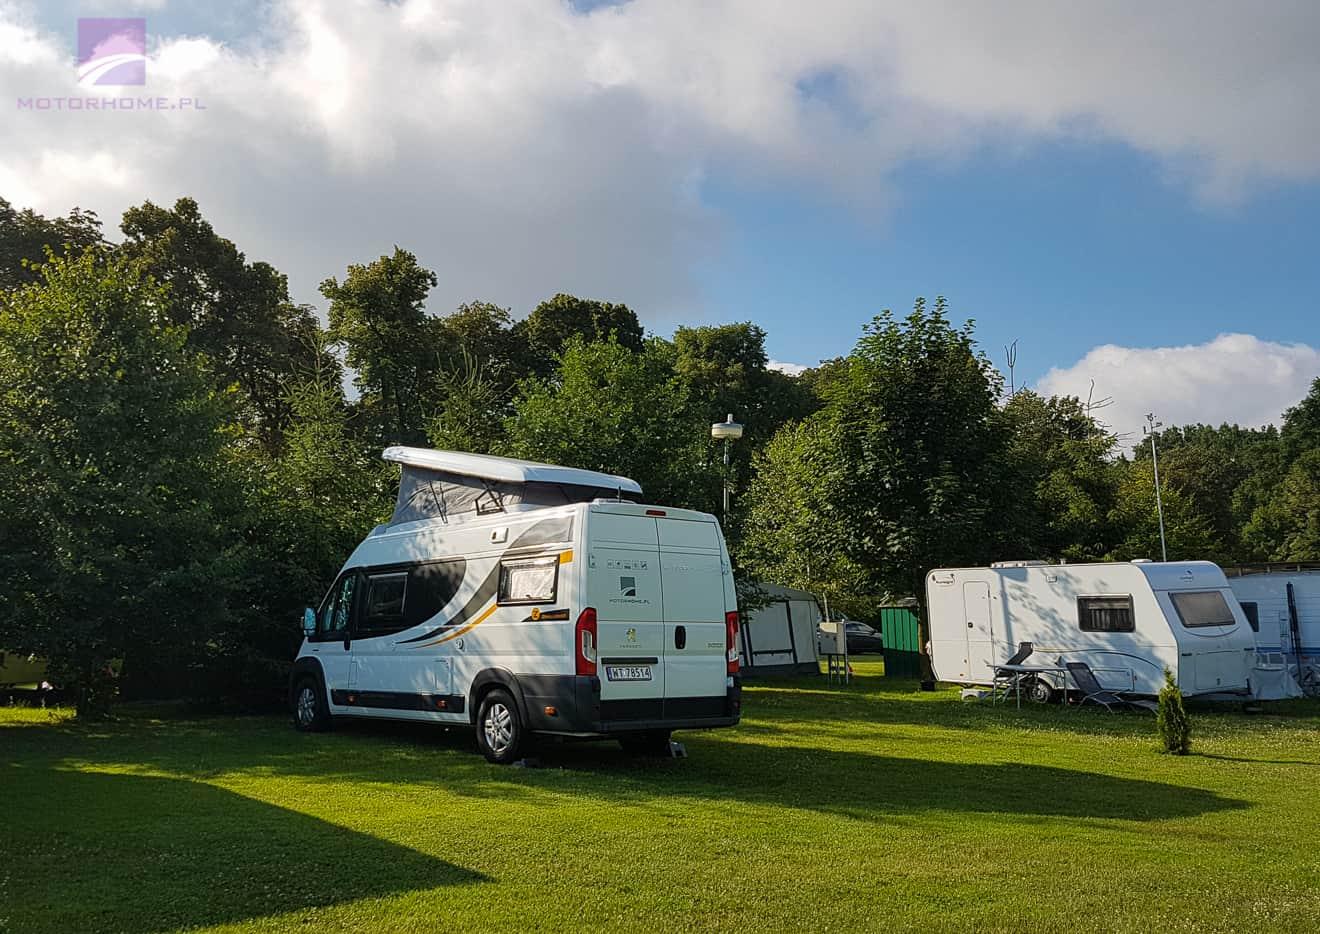 Wakacje kamperem